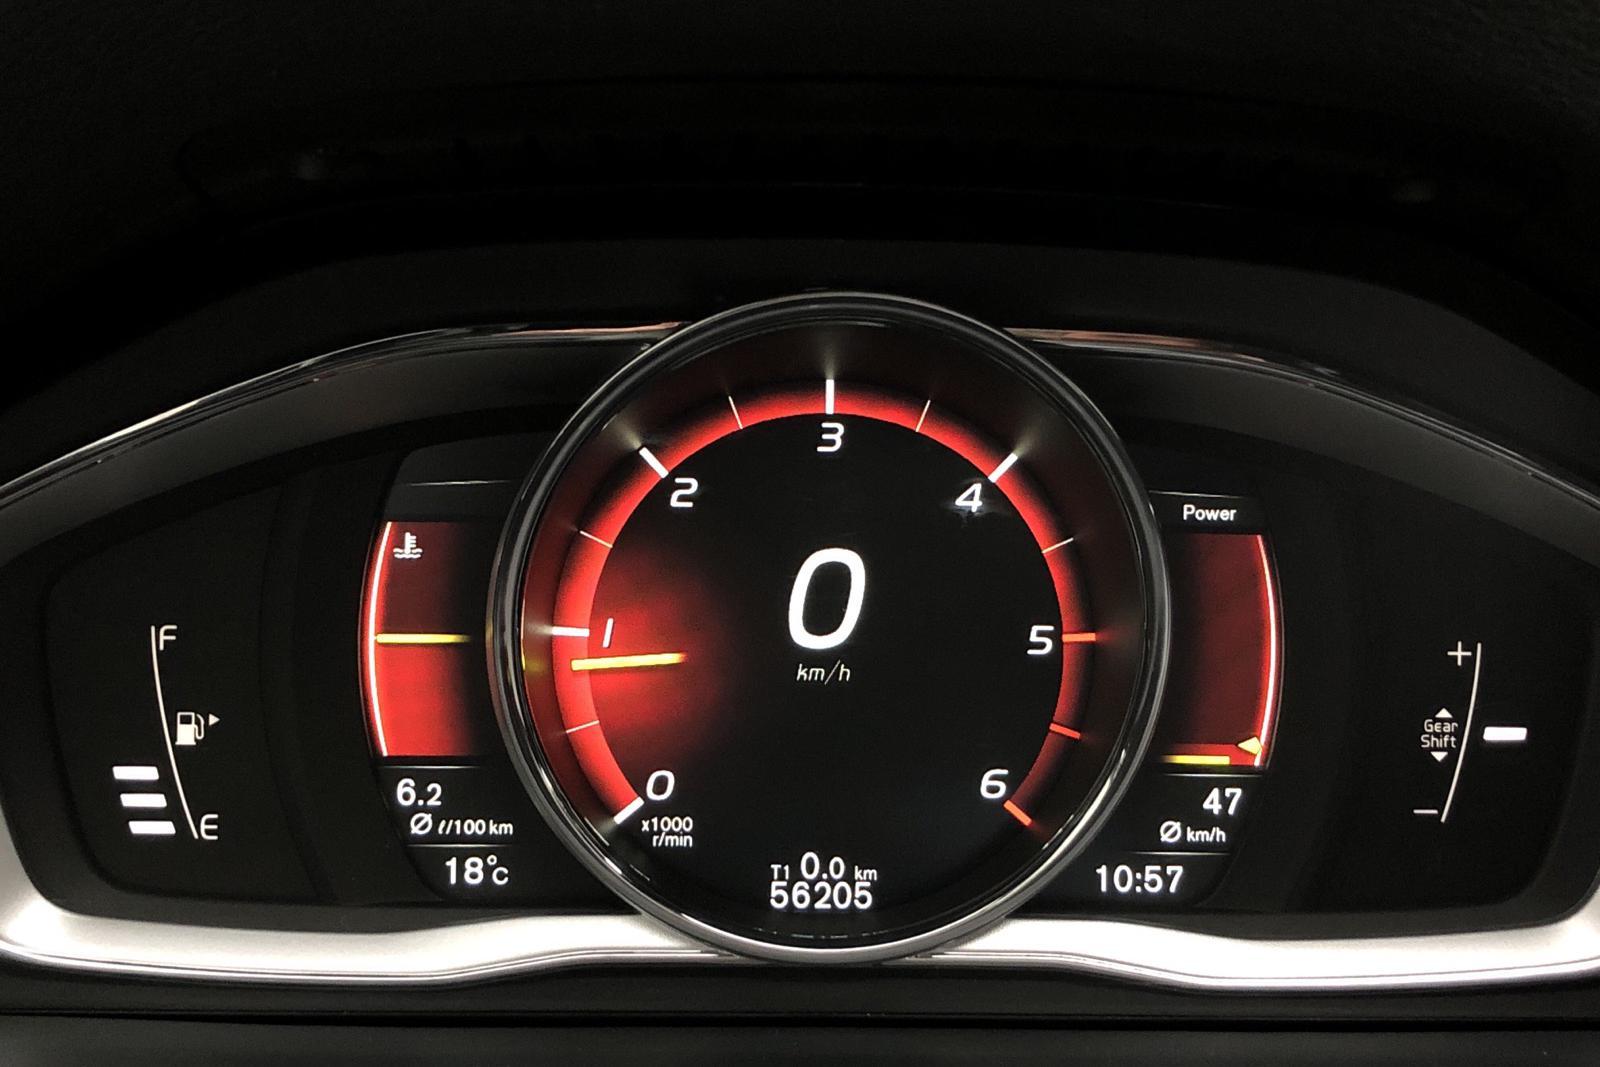 Volvo V60 D4 (190hk) - 47 070 km - Manual - gray - 2017